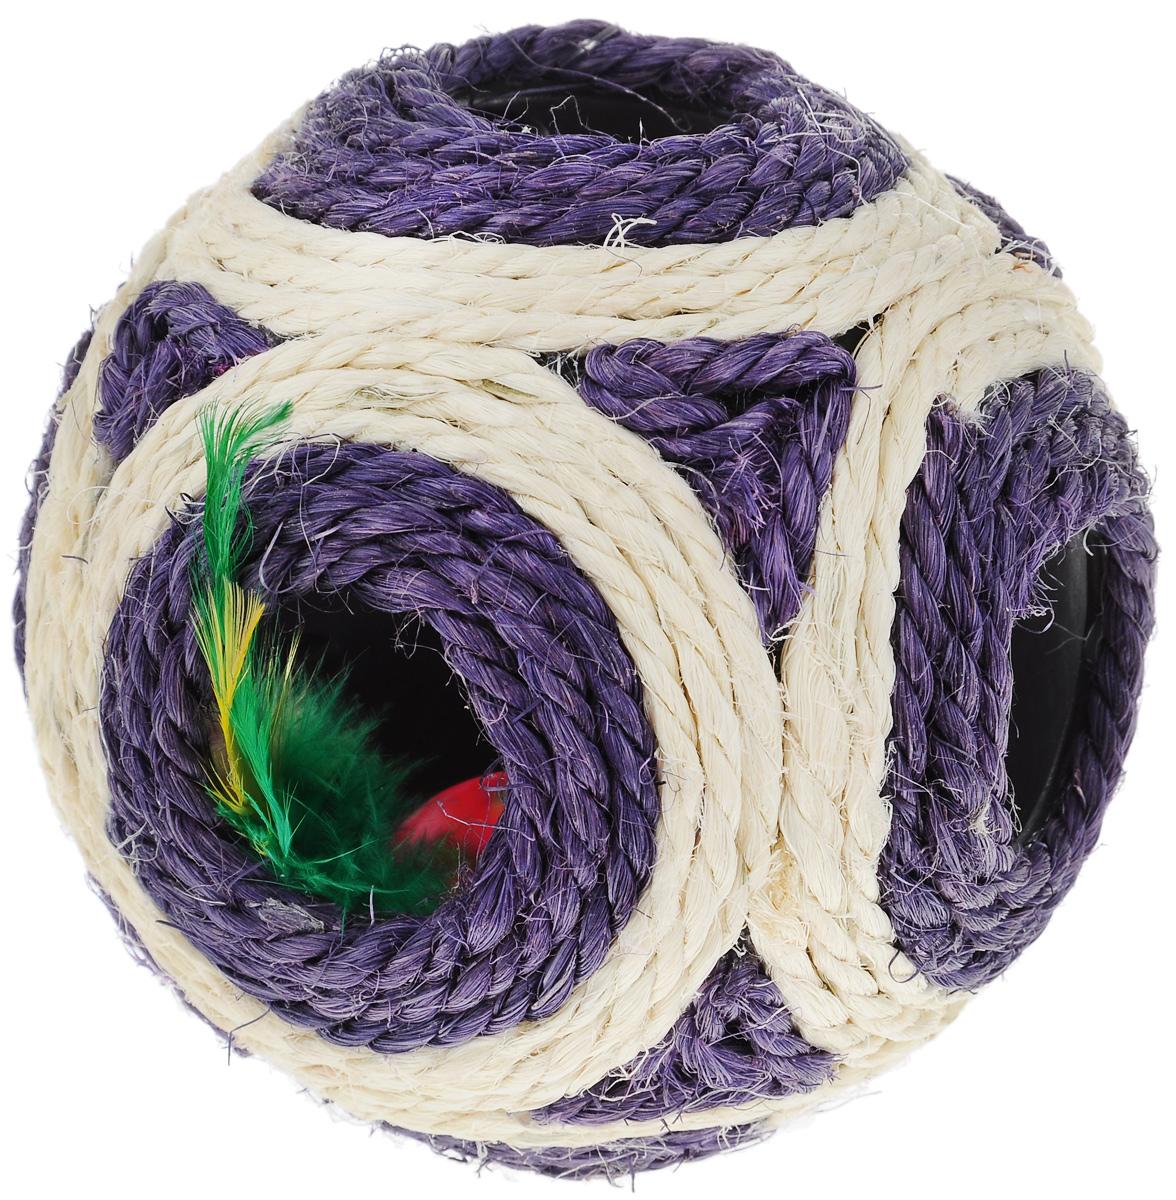 Когтеточка Triol Мяч, цвет: фиолетовый, слоновая кость, диаметр 11,5 смКк-05800/NT-309_фиолетовый, слоновая костьКогтеточка Triol Мяч выполнена из разноцветного сизаля. Внутри когтеточки расположена игрушка в виде шарика-погремушки с перьями, которые привлекут внимание вашего питомца. Всем кошкам необходимо стачивать когти. Когтеточка - один из самых необходимых аксессуаров для кошки. Когтеточка должна висеть на такой высоте, чтобы кошка могла встать на задние лапы и вытянуть наверх передние. Для приучения к когтеточке можно натереть ее сухой валерьянкой или кошачьей мятой. Когтеточка Triol Мяч поможет вашему любимцу стачивать когти и при этом не портить вашу мебель. Диаметр когтеточки: 11,5 см.